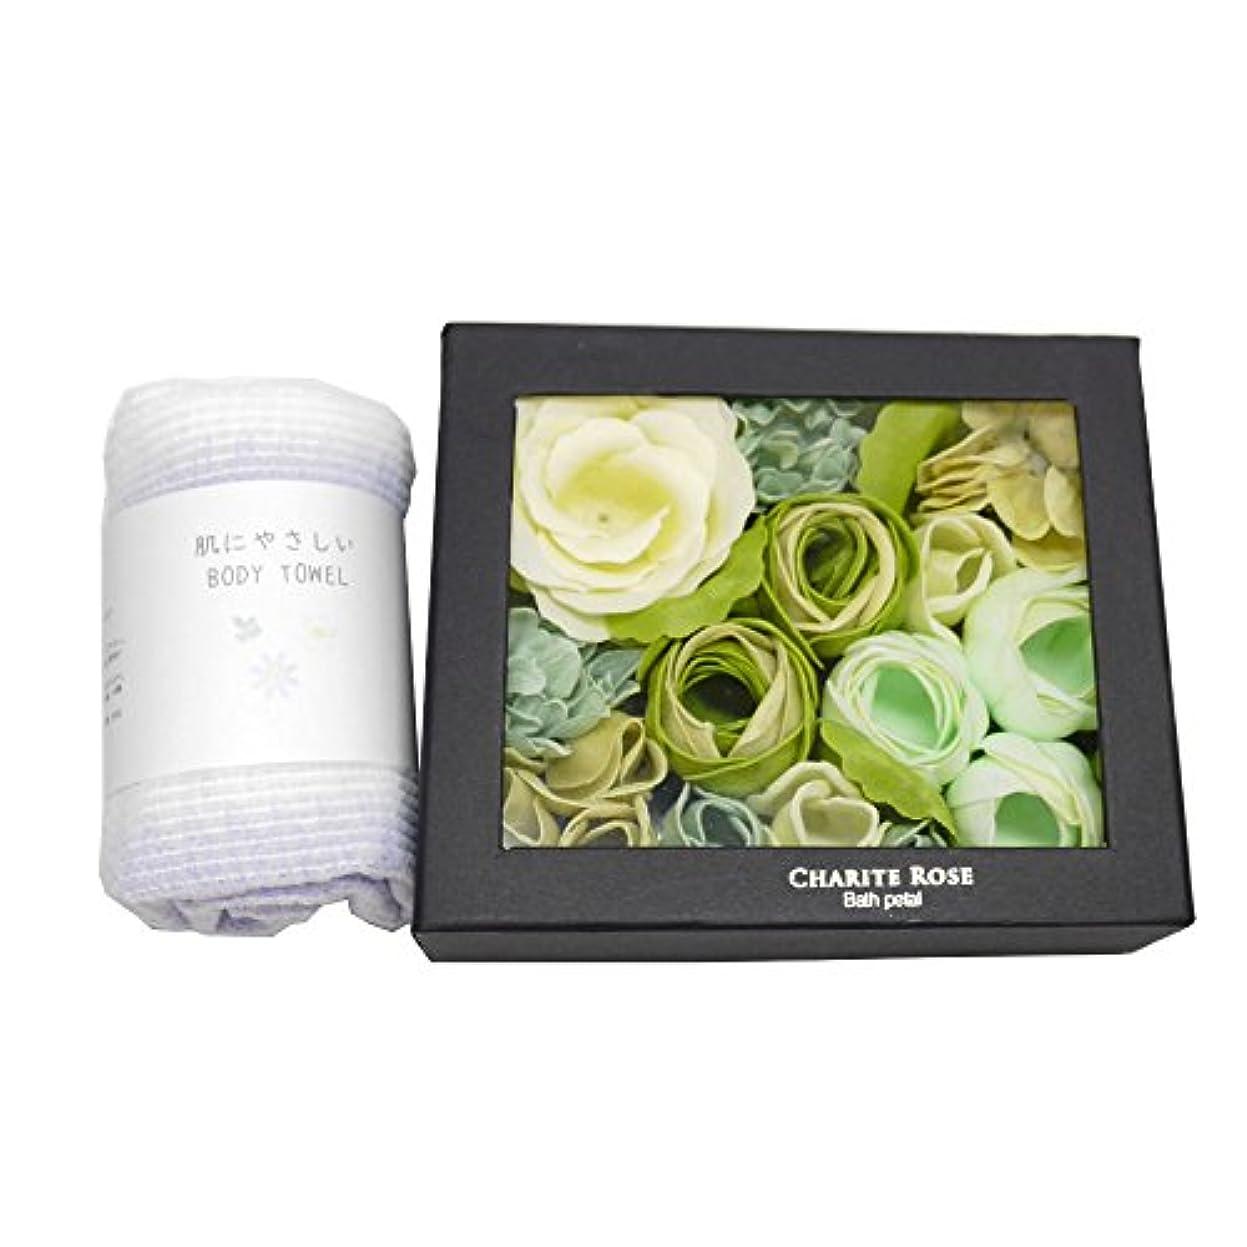 ケープ残るどこローズ バスペタル タイディローズ グリーン 緑 ボディタオル セット/バラ お花 入浴剤 母の日 お祝い 記念日 贈り物 プレゼント